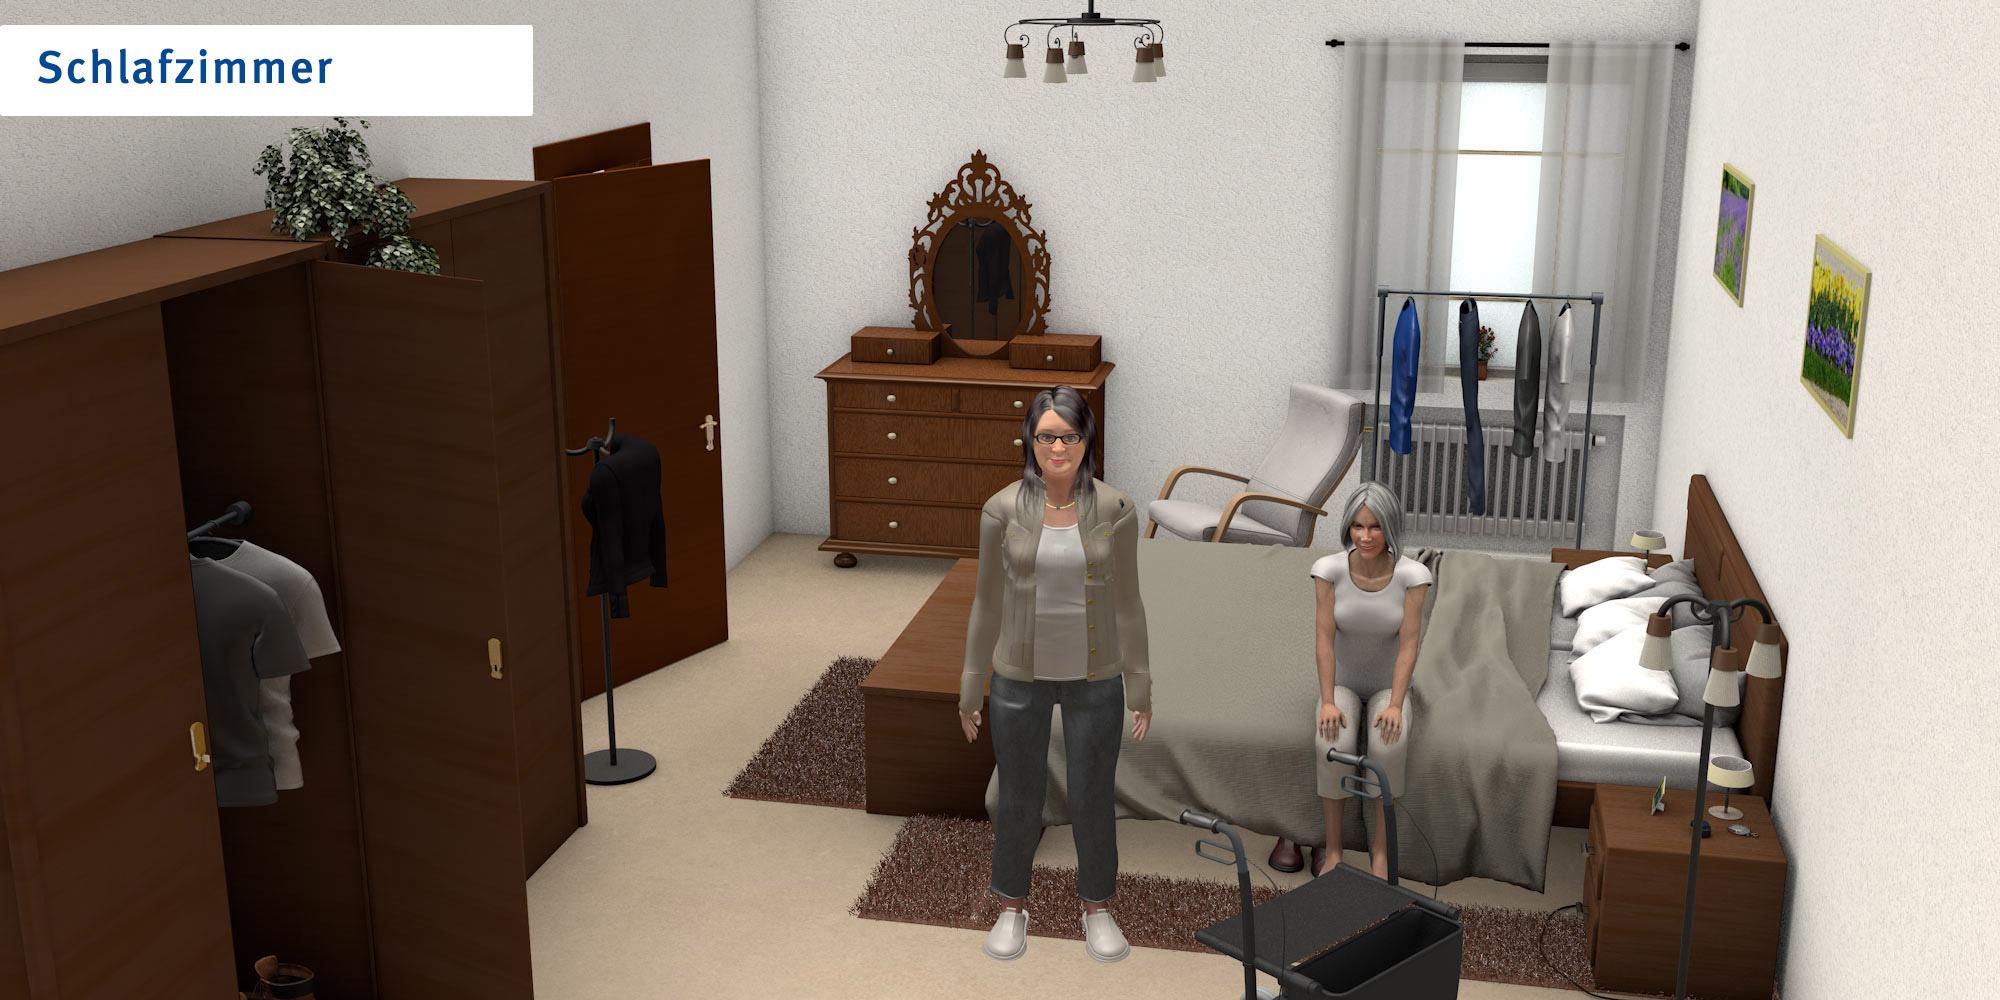 Schlafzimmer - übliche Version